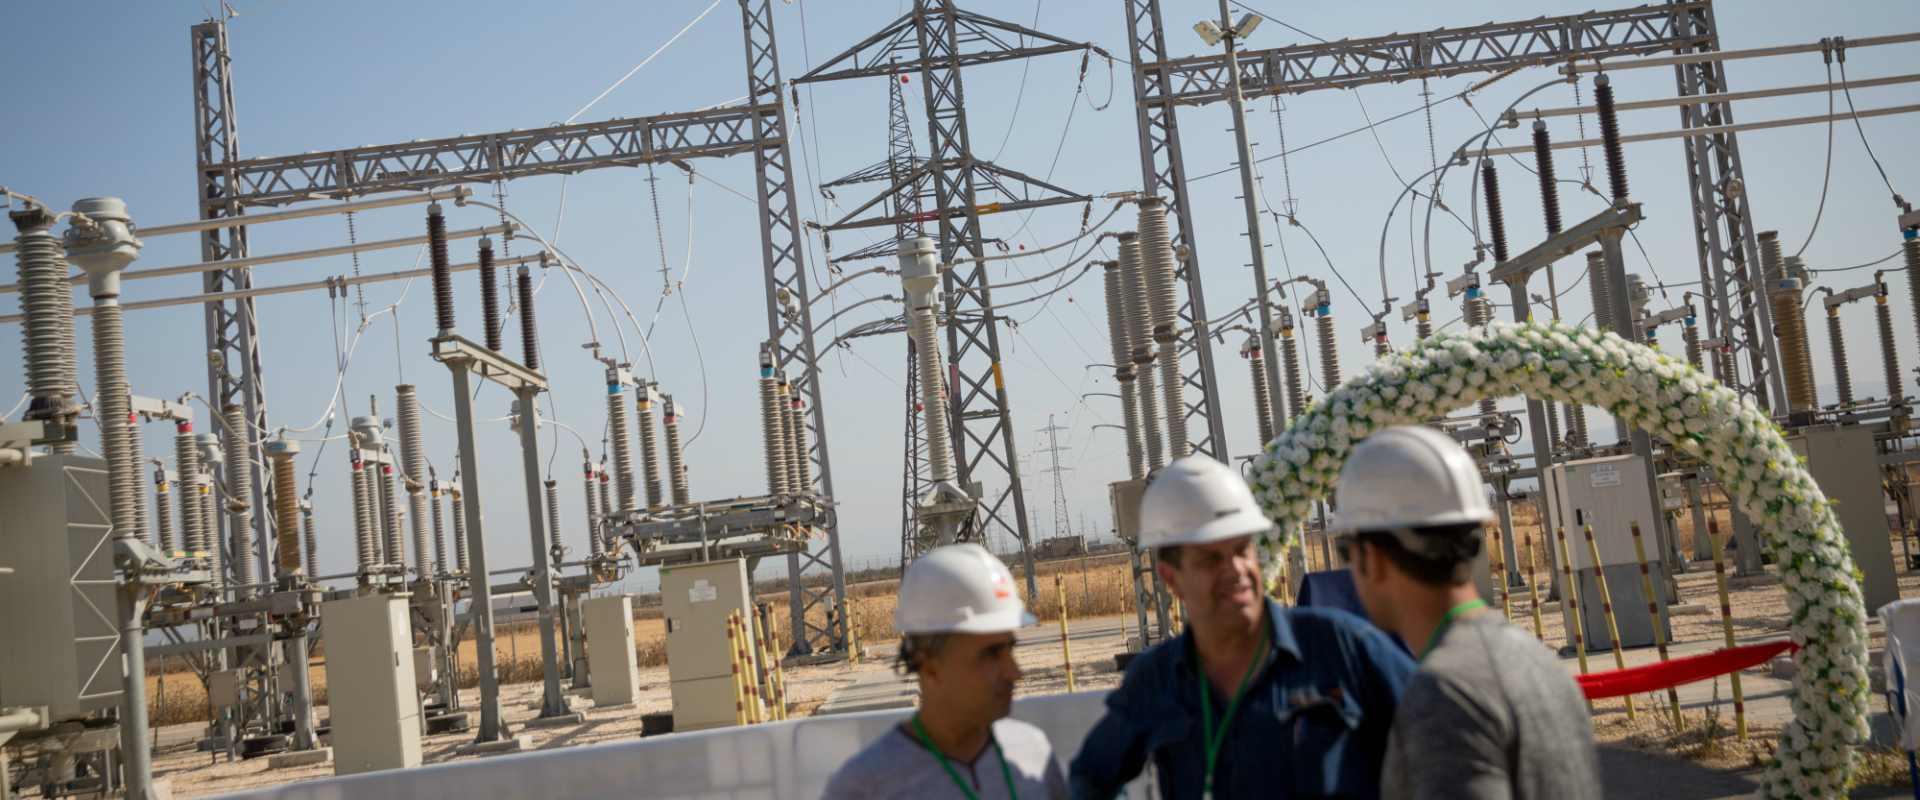 חברת חשמל, ארכיון